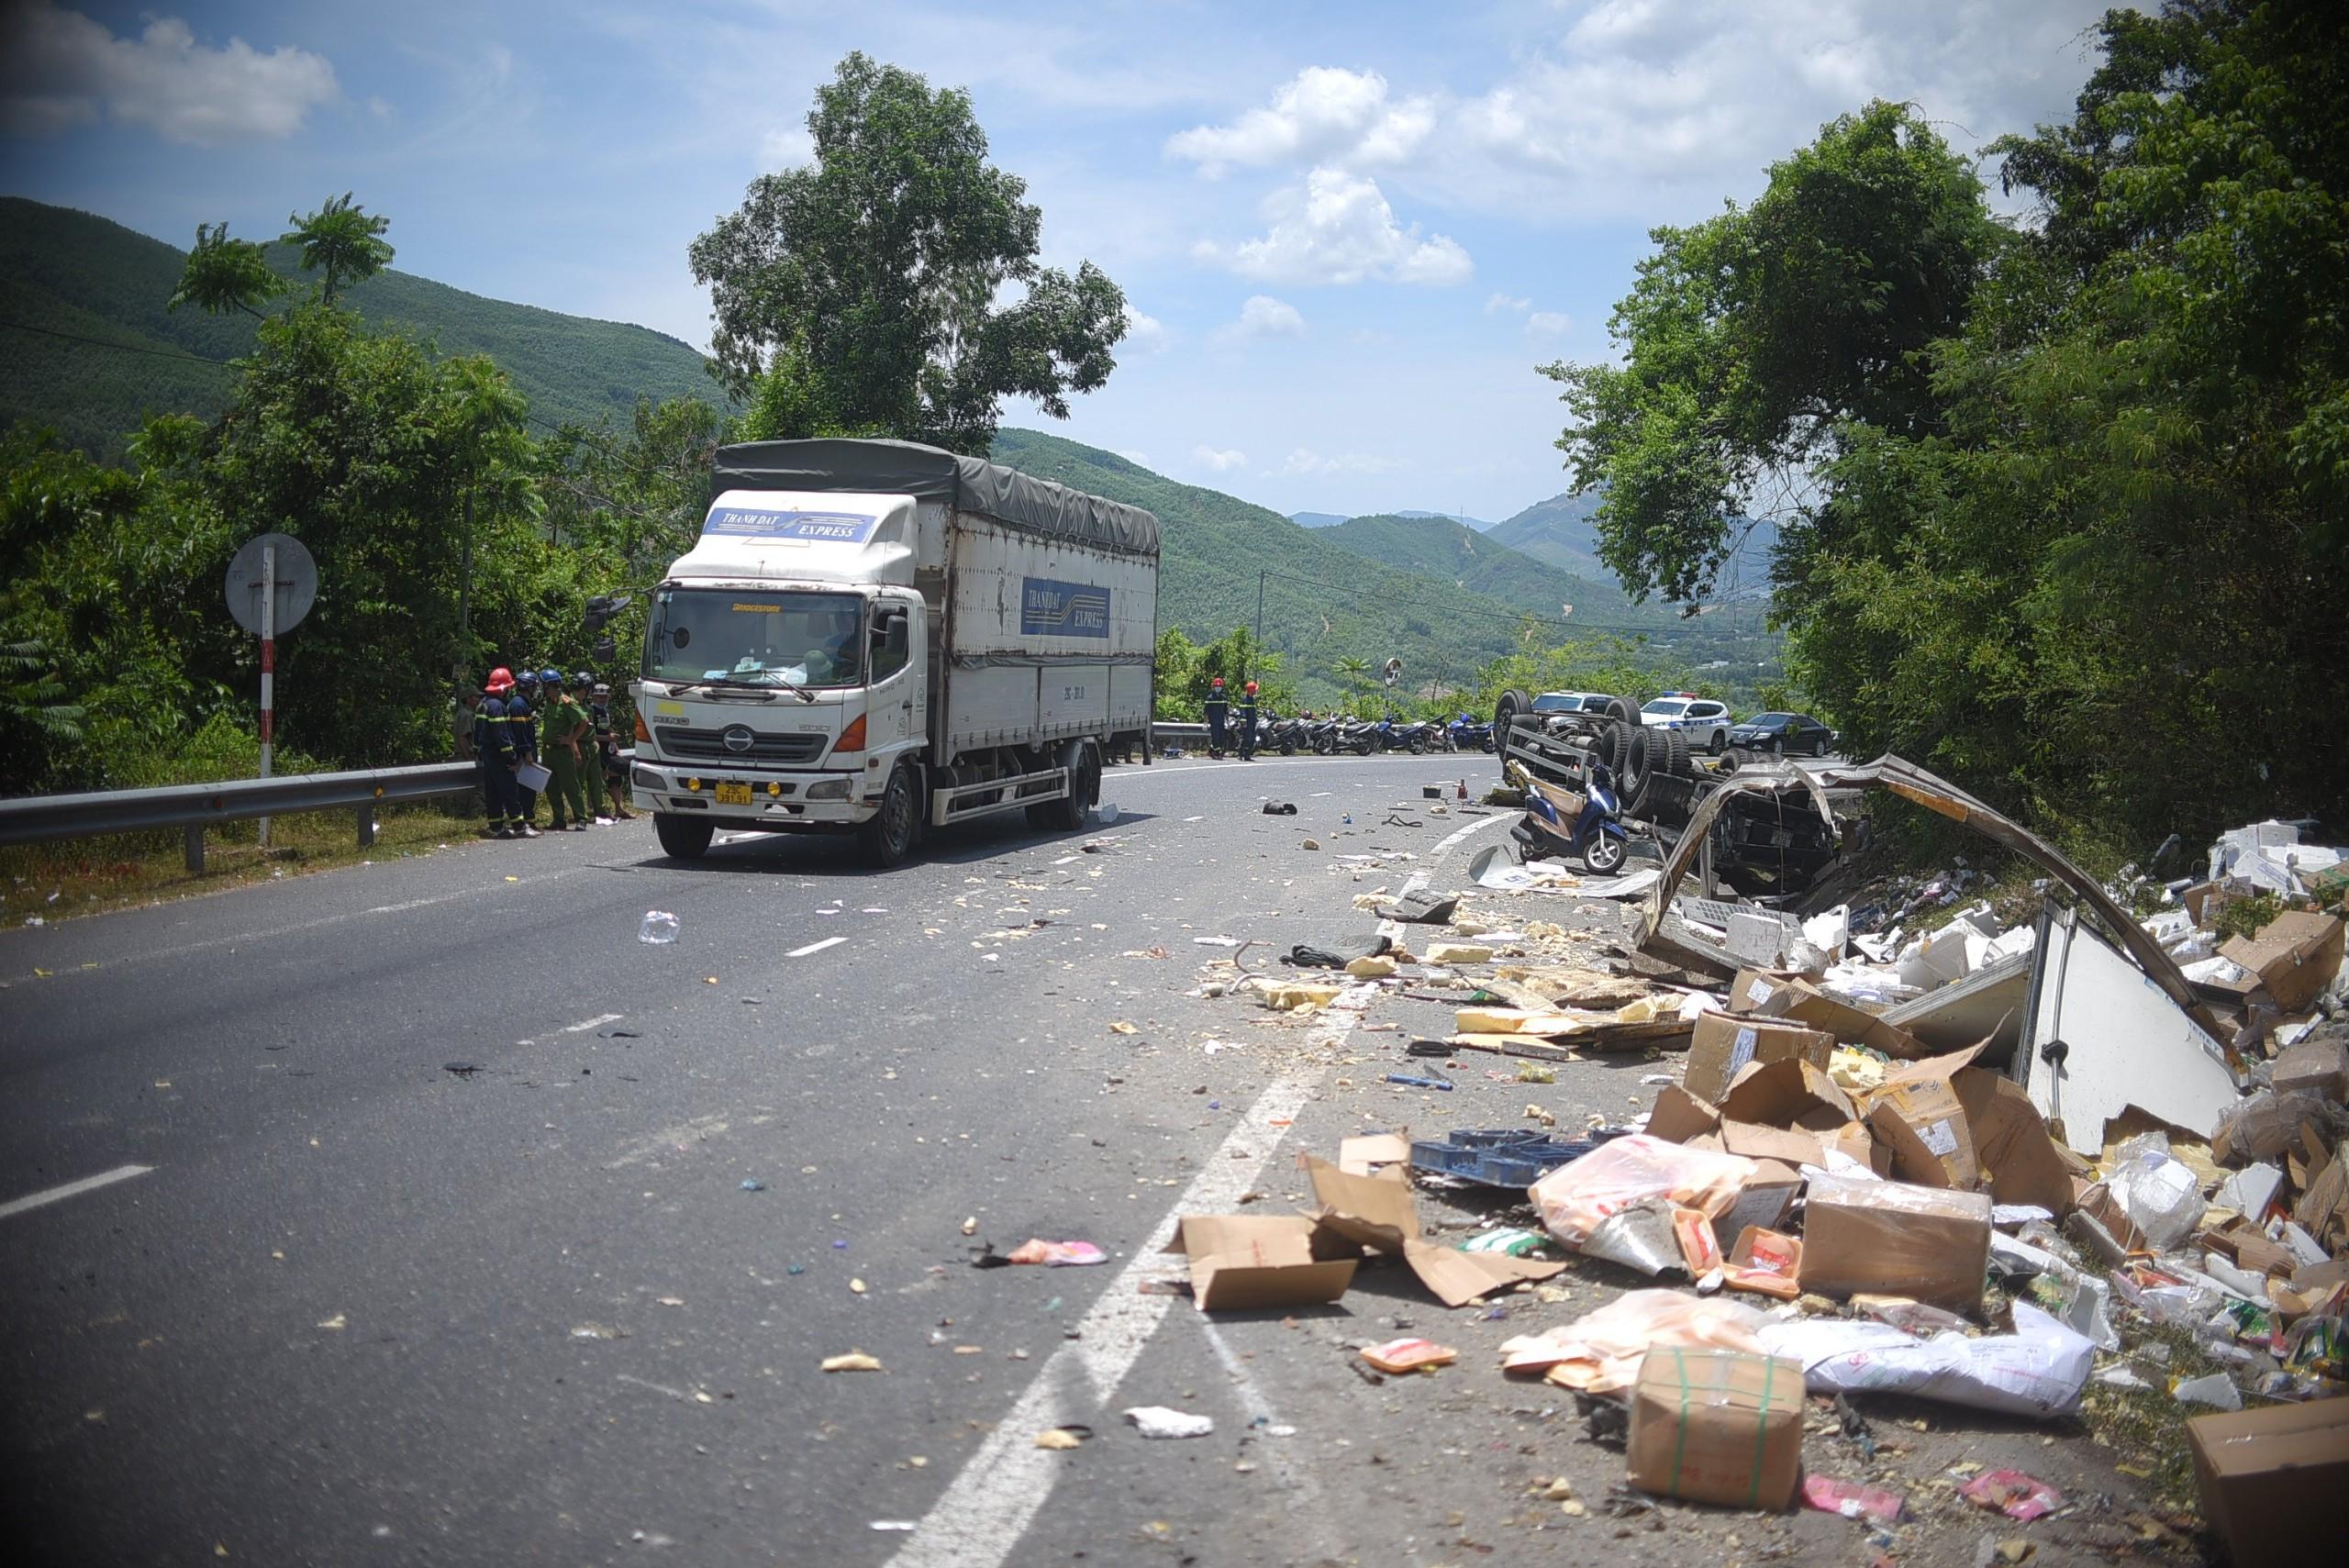 Cận cảnh tan hoang hiện trường vụ tai nạn khiến 2 người chết - Ảnh 1.